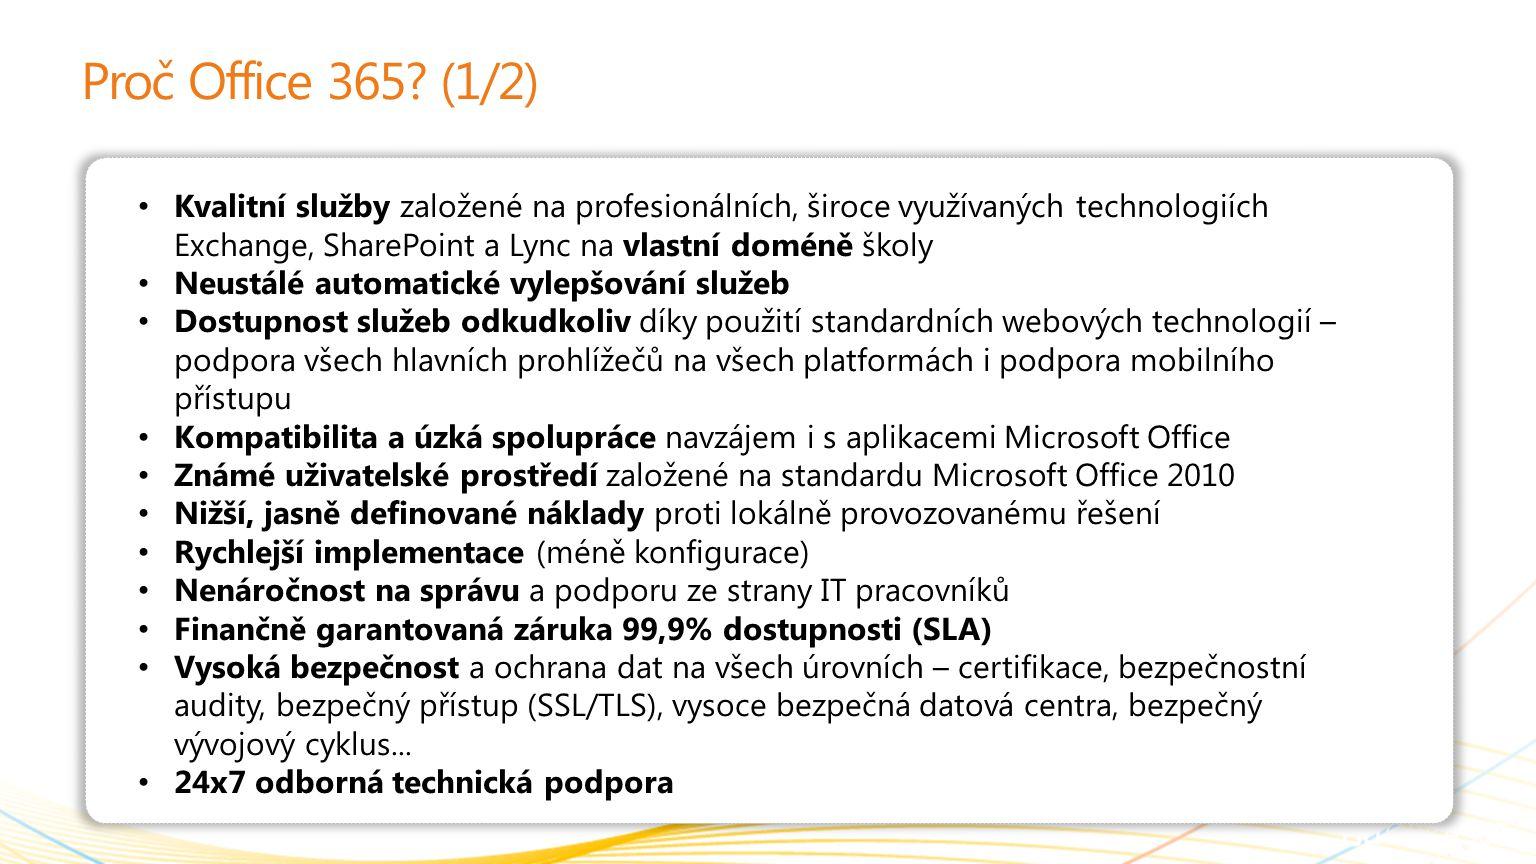 | Copyright© 2010 Microsoft Corporation Proč Office 365? (1/2) Kvalitní služby založené na profesionálních, široce využívaných technologiích Exchange,